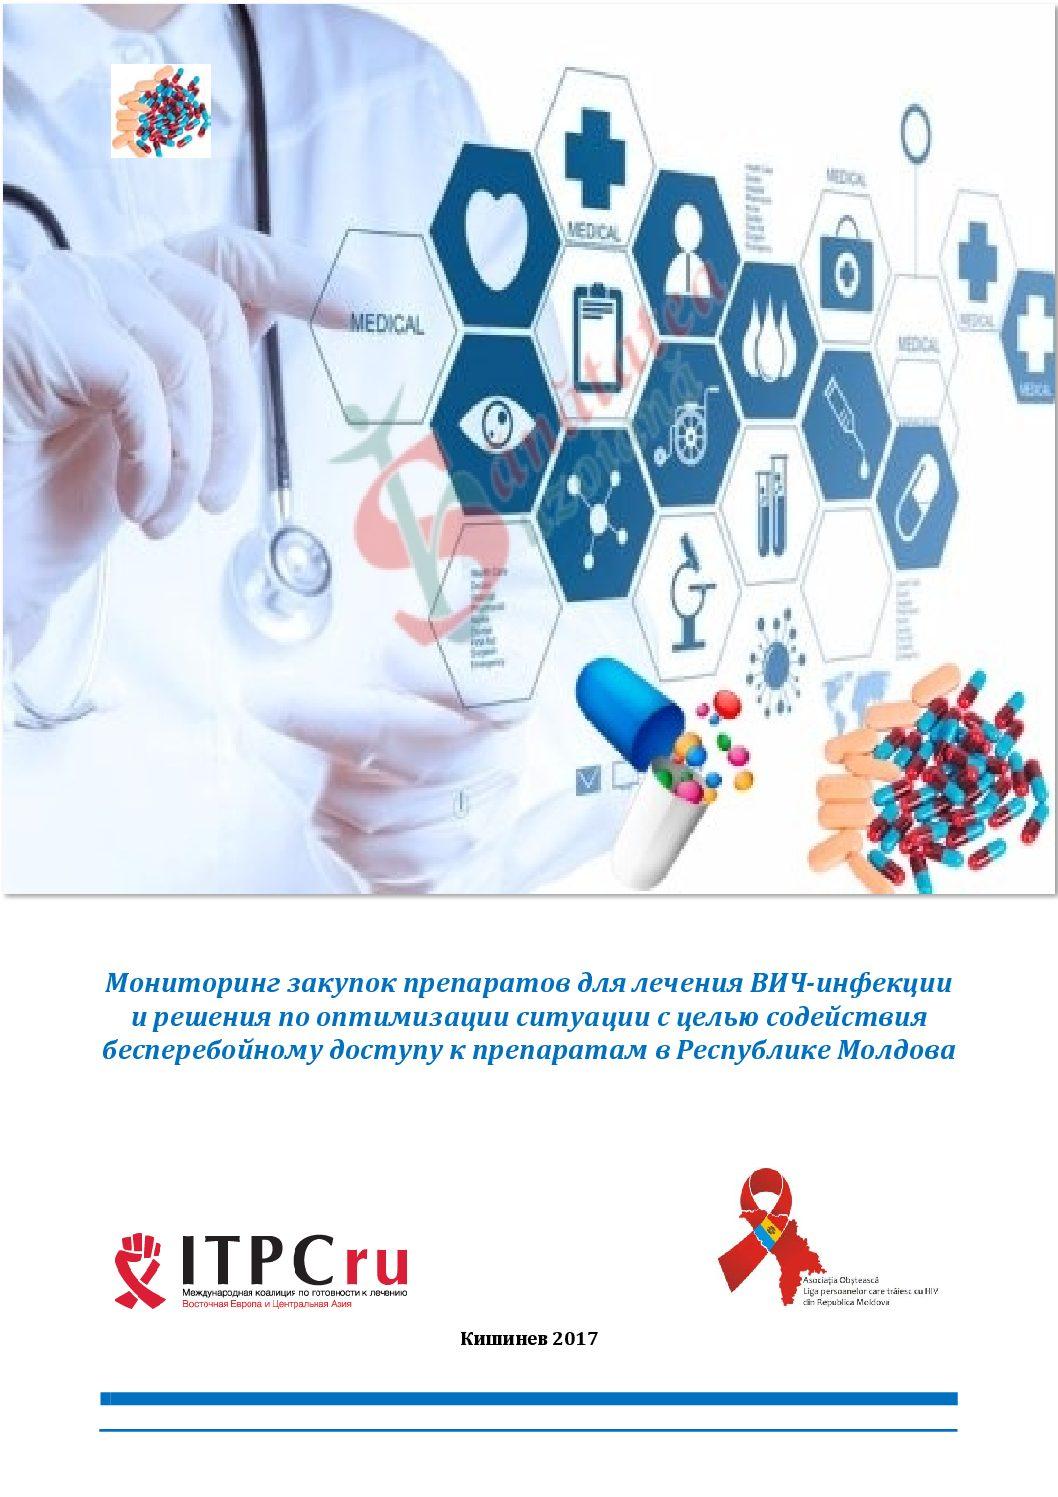 Мониторинг закупок препаратов для лечения ВИЧ в Республике Молдова – 2017